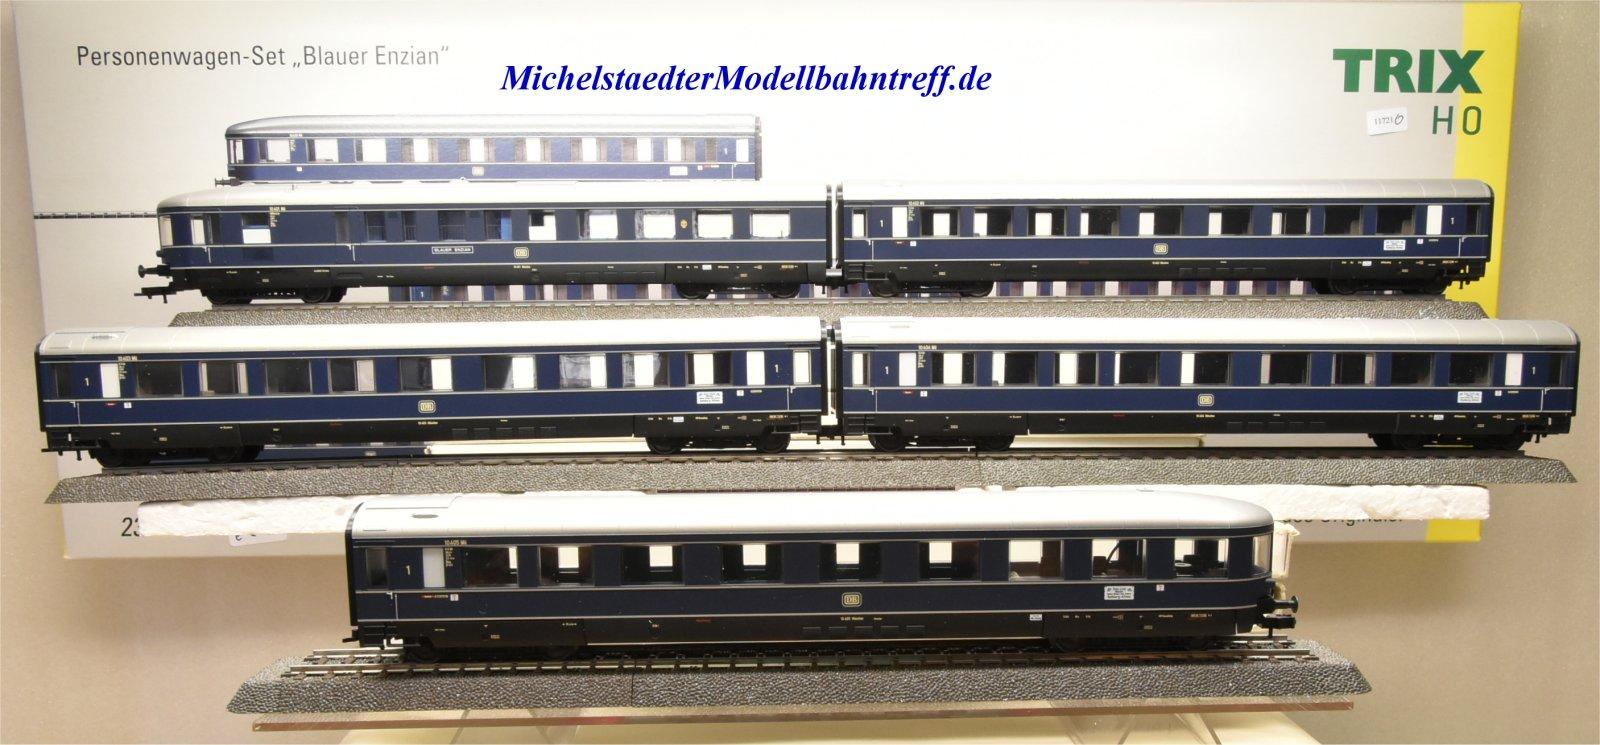 """Trix 23373 Wagenset """"Blauer Enzian"""", (11721)"""